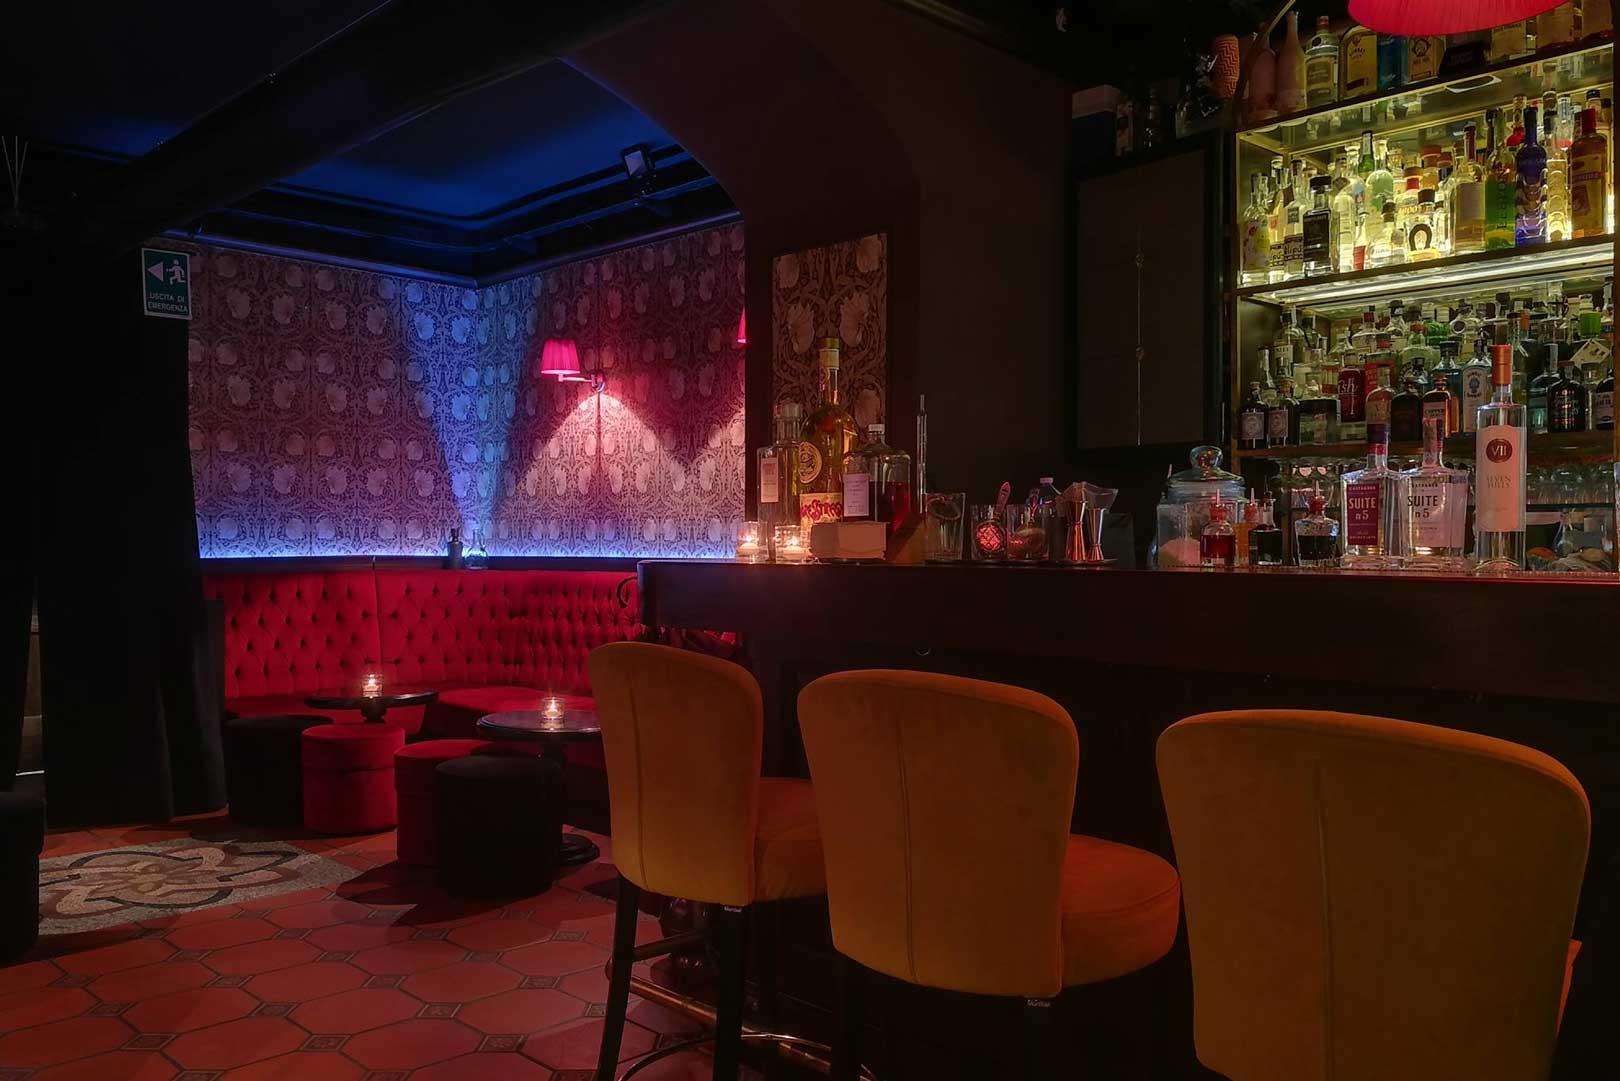 I 10 migliori cocktail bar d'Italia - L'Antiquario